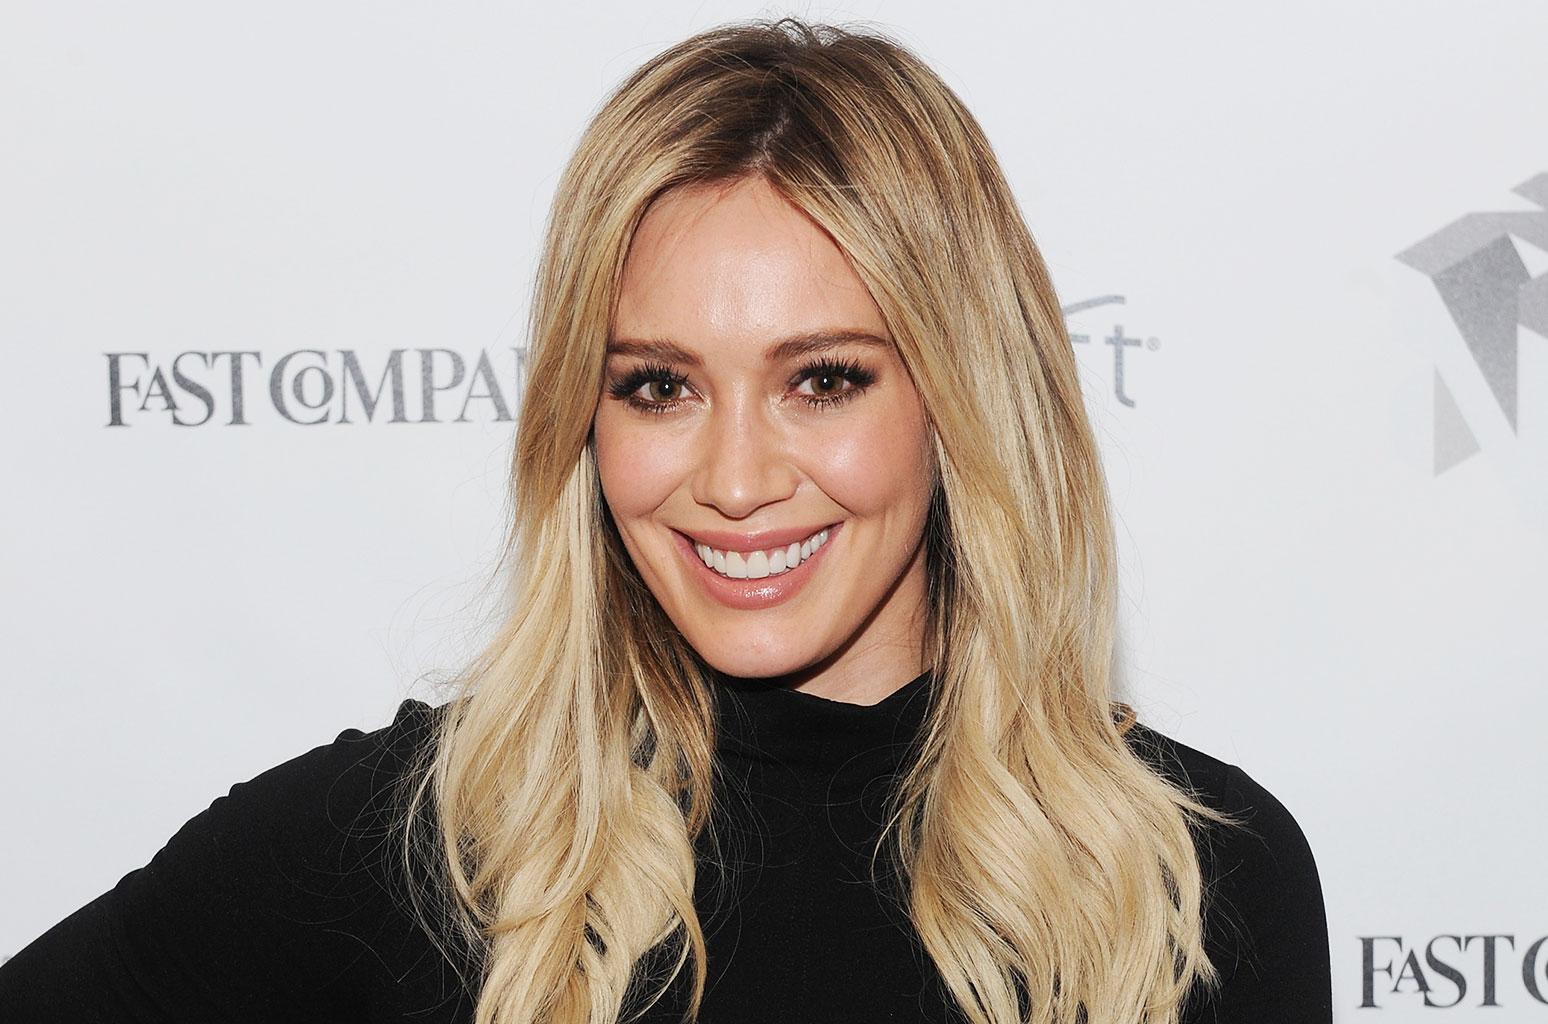 Hilary Duff confirma que ya se está trabajando el reboot de 'Lizzie McGuire'